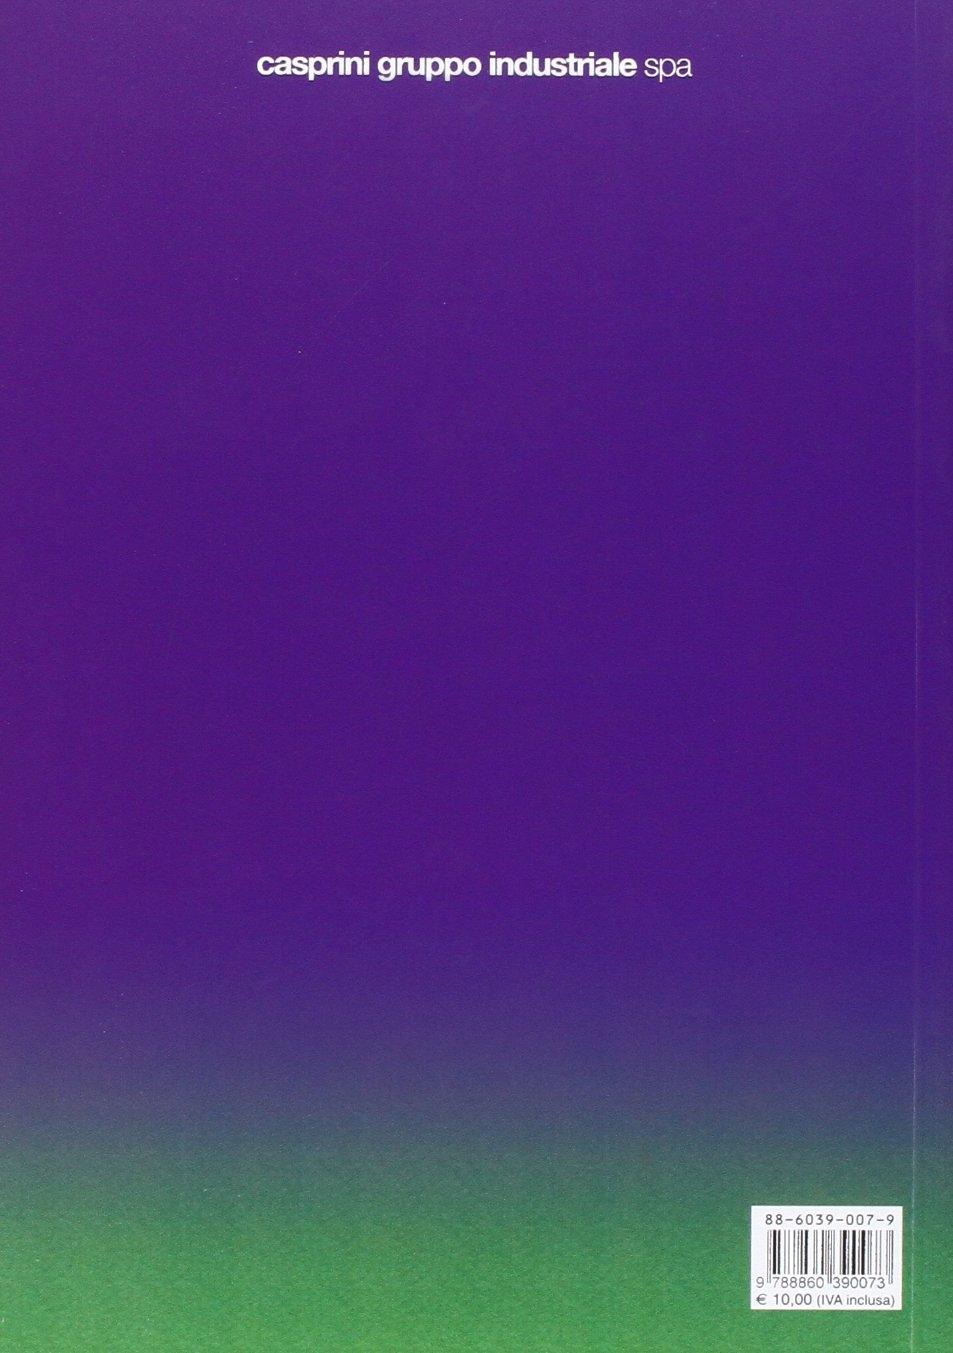 La Fiorentina del primo scudetto. 1955-1956 memorie viola tra cronaca e arte